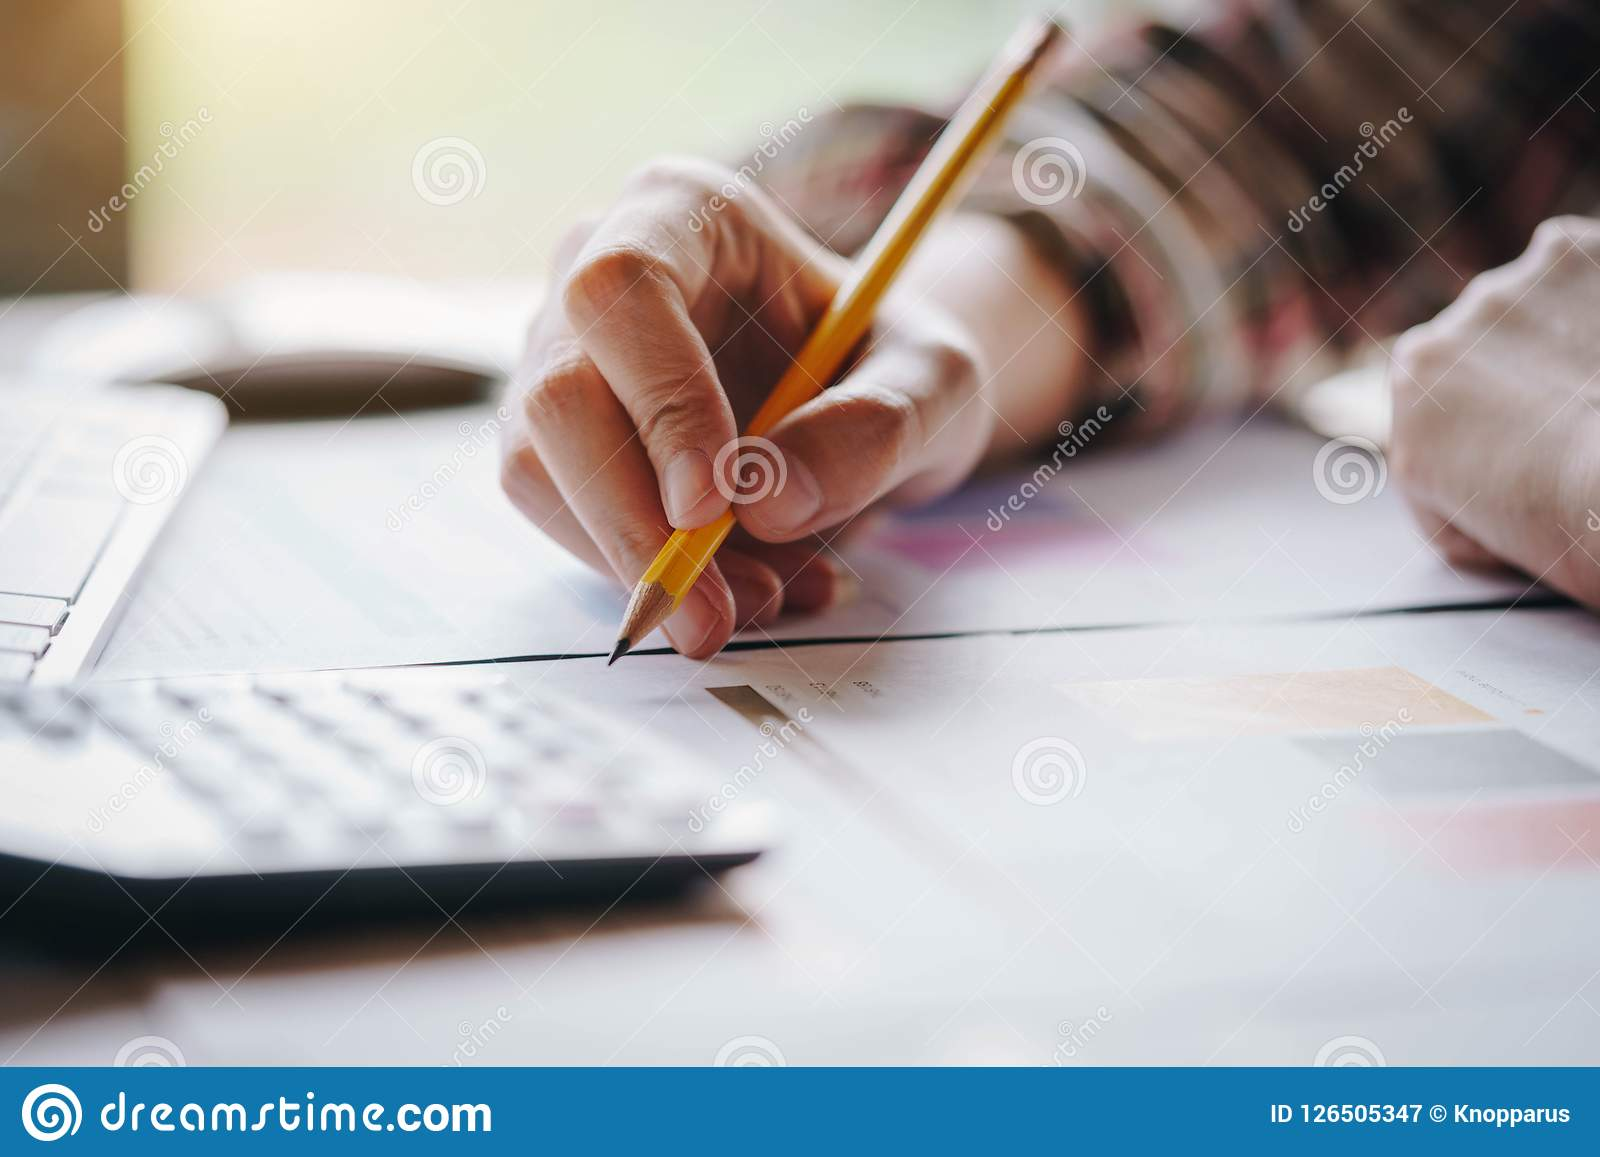 De onderneemsterhanden pen houden die werkend met calculator voor berekenen de zaken van de bedrijfswinstenomzet Bedrijfs financi